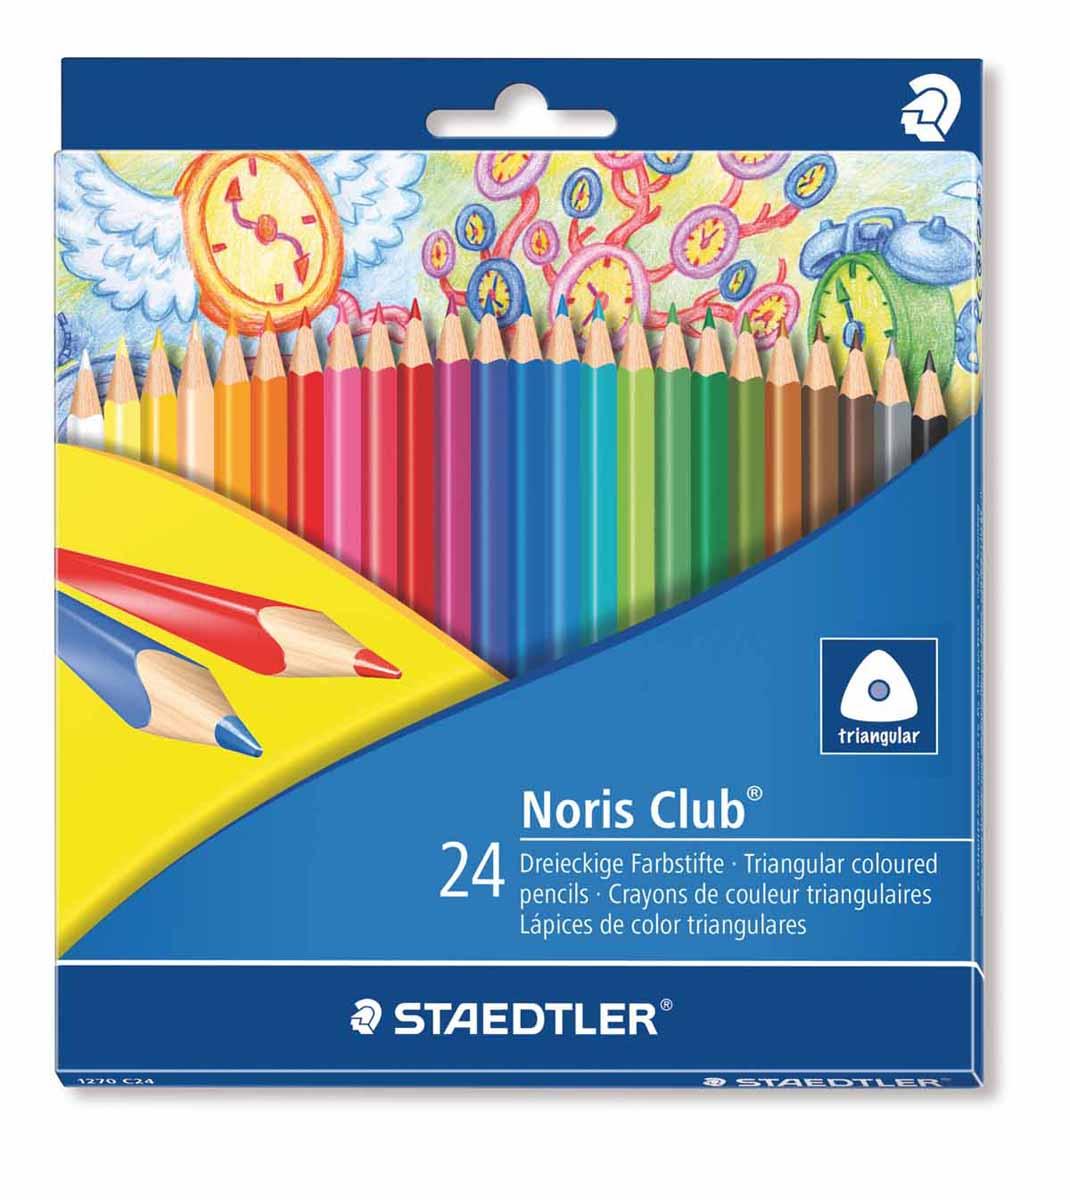 Staedtler Набор цветных карандашей Noris Club 24 цвета2010440Цветные карандаши Staedtler Noris Club помогут маленькому художнику создавать настоящие произведения искусства.Набор состоит из 24 самых разных насыщенных цветов.Изделия имеют прочный грифель и удобную шестигранную форму, которая позволяет легко их затачивать.Такие карандаши будет незаменимы в процессе обучения и для детского творчества.Набор упакован в яркую коробочку с оригинальным дизайном.